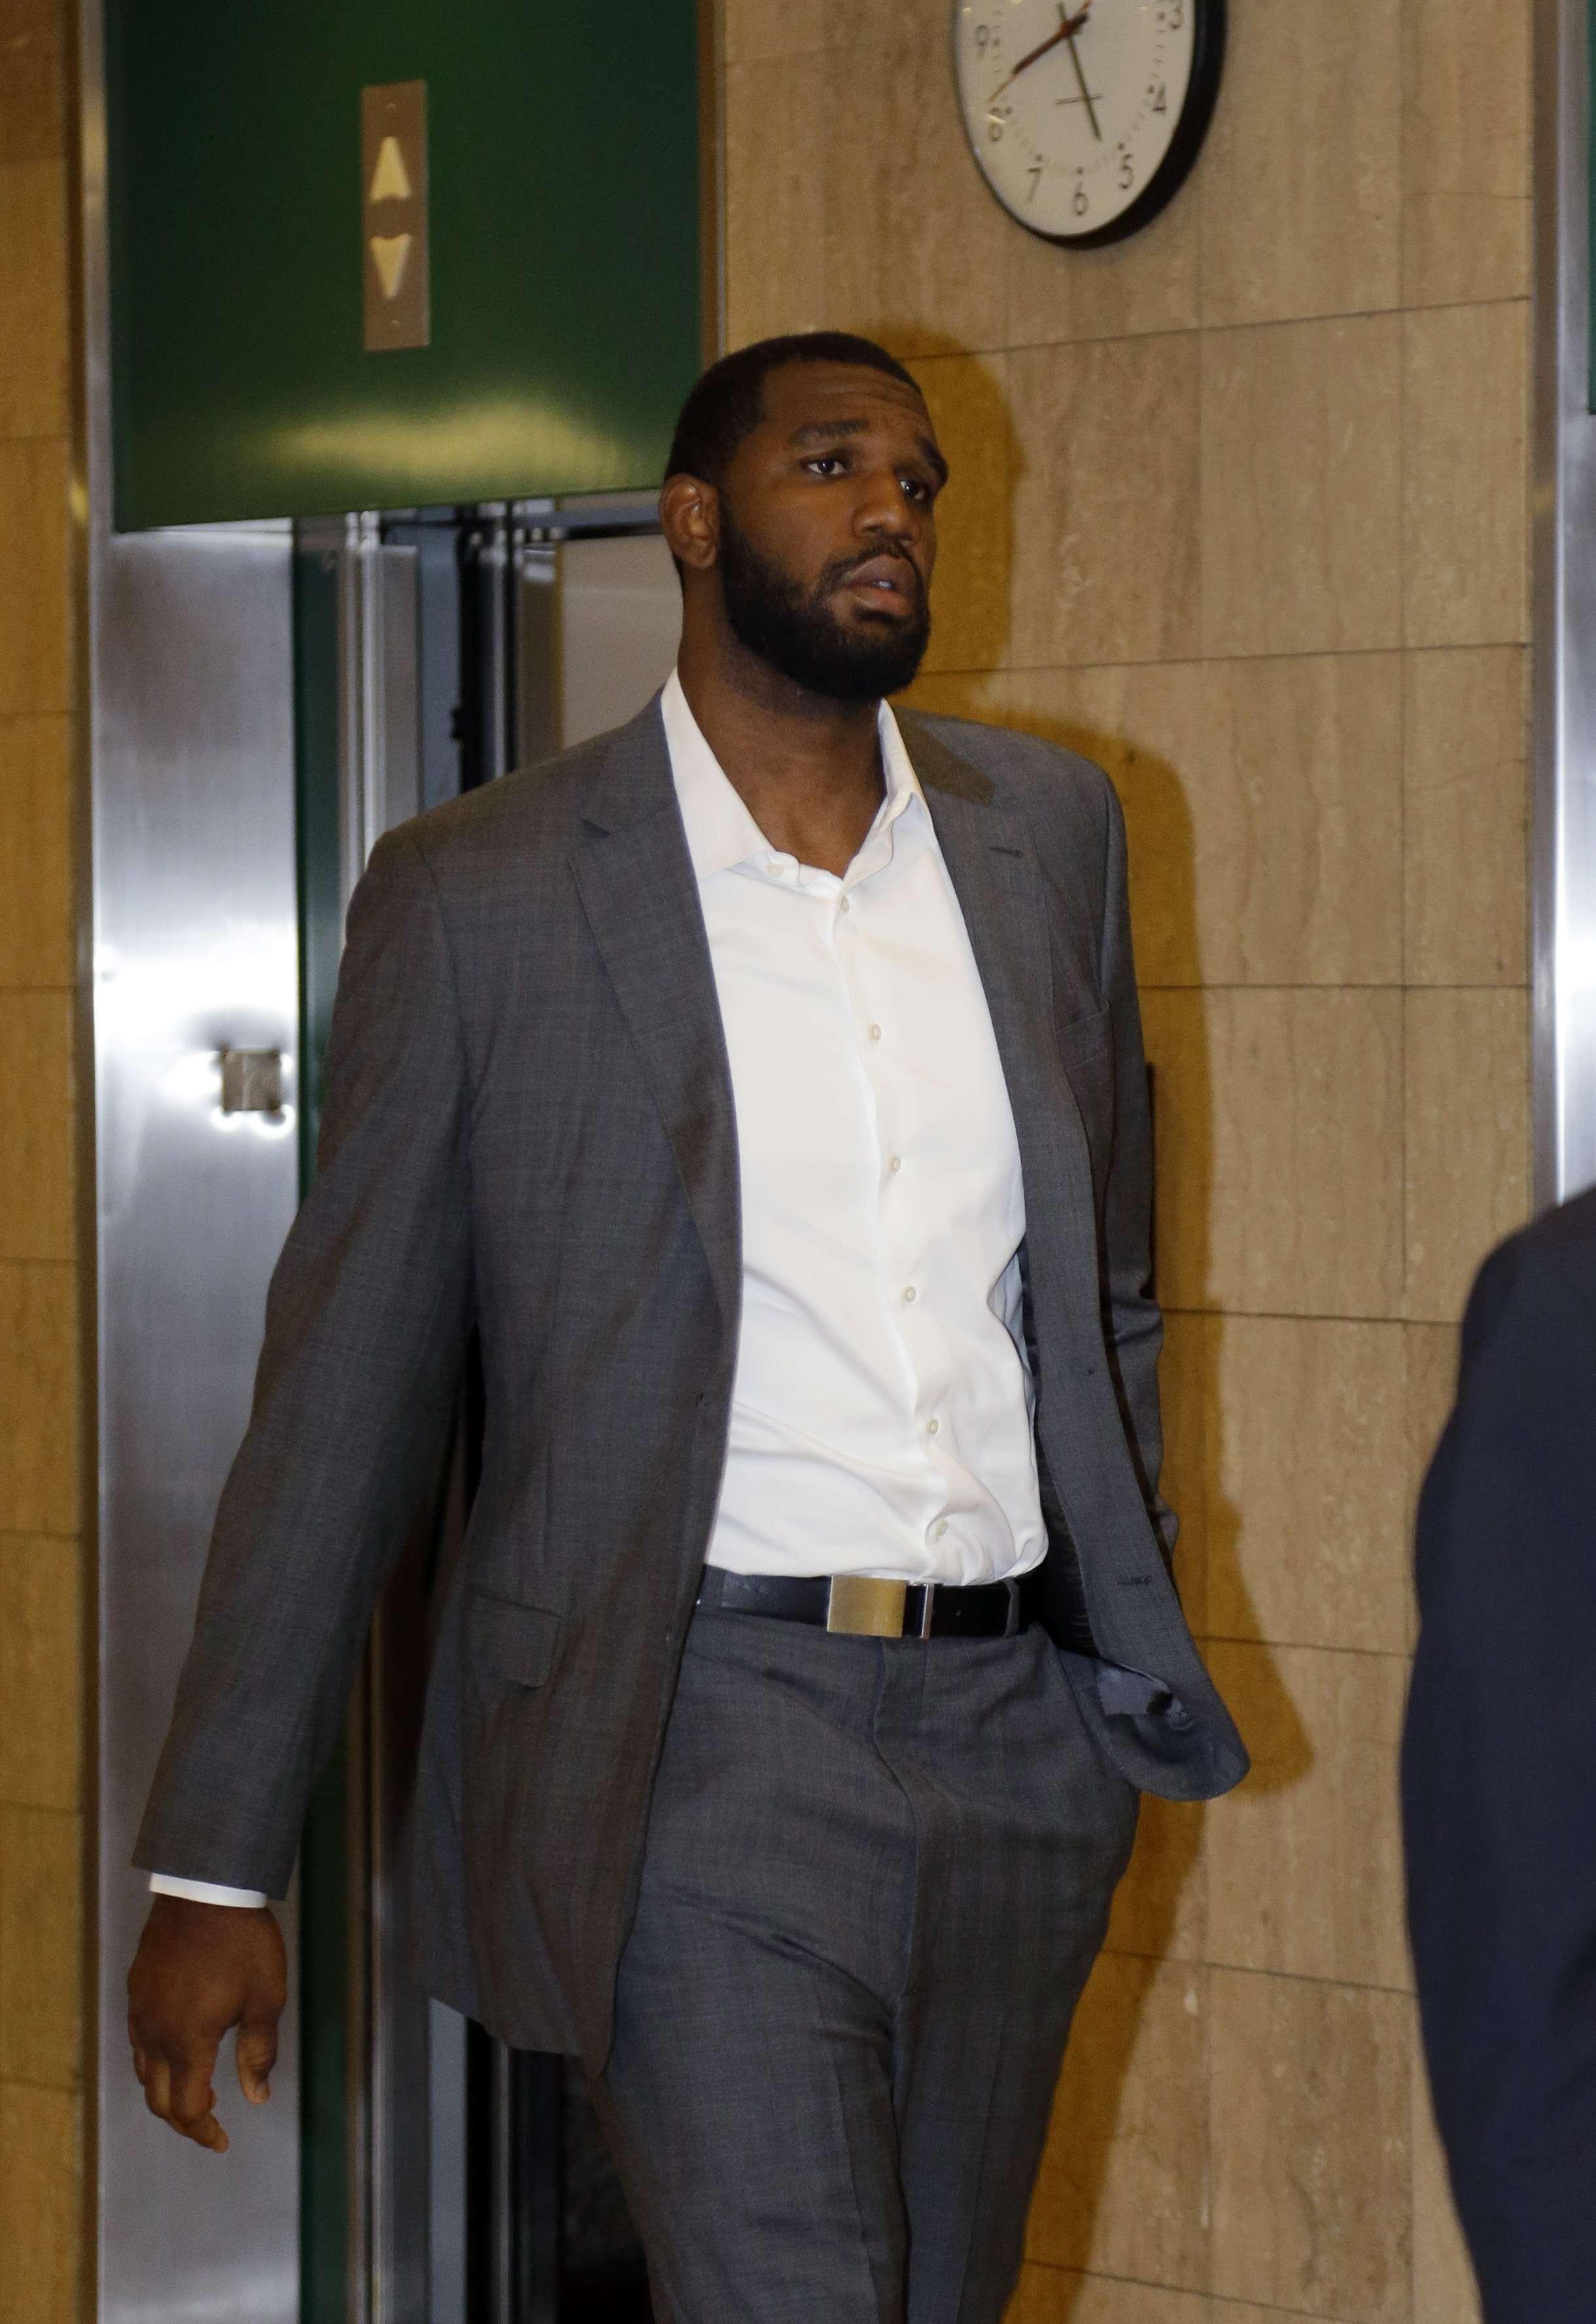 El pívot, que no tiene equipo, compareció el miércoles ante un juez del condado de Marion. Foto: AP